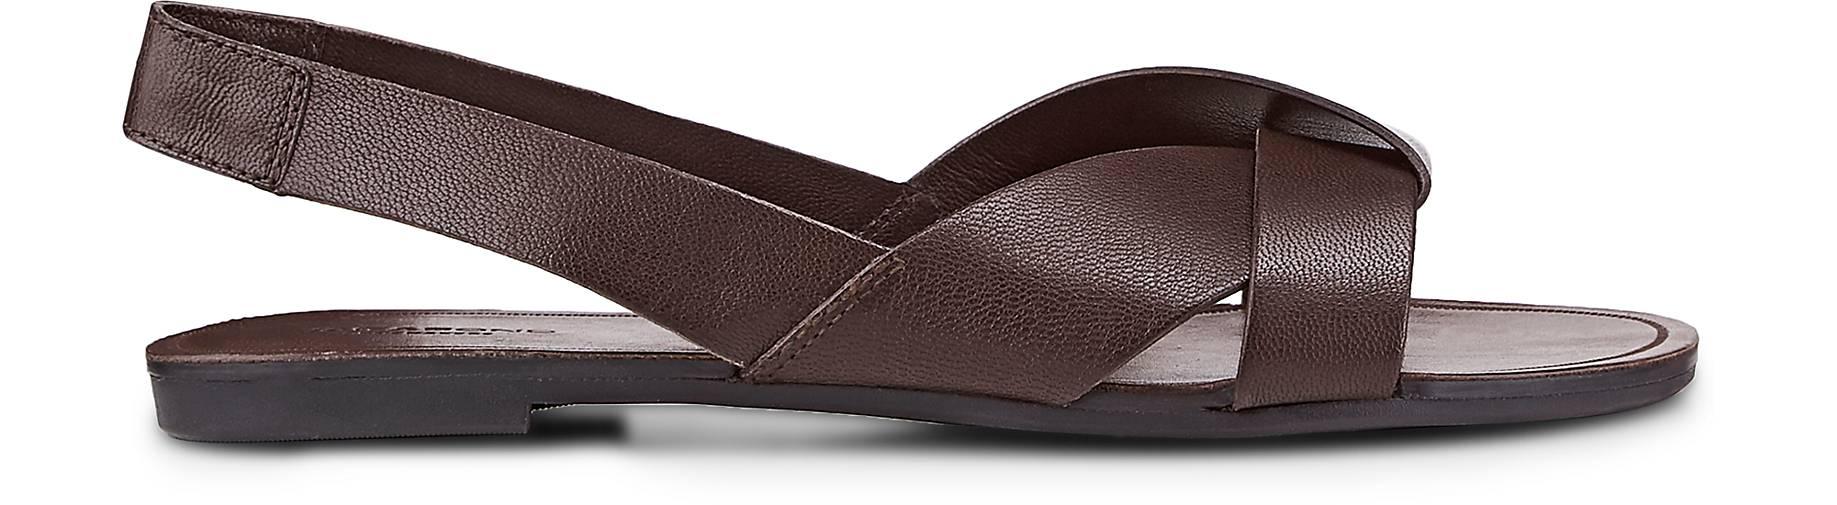 Vagabond kaufen Sandalette TIA in braun-dunkel kaufen Vagabond - 46362301 | GÖRTZ f005b6